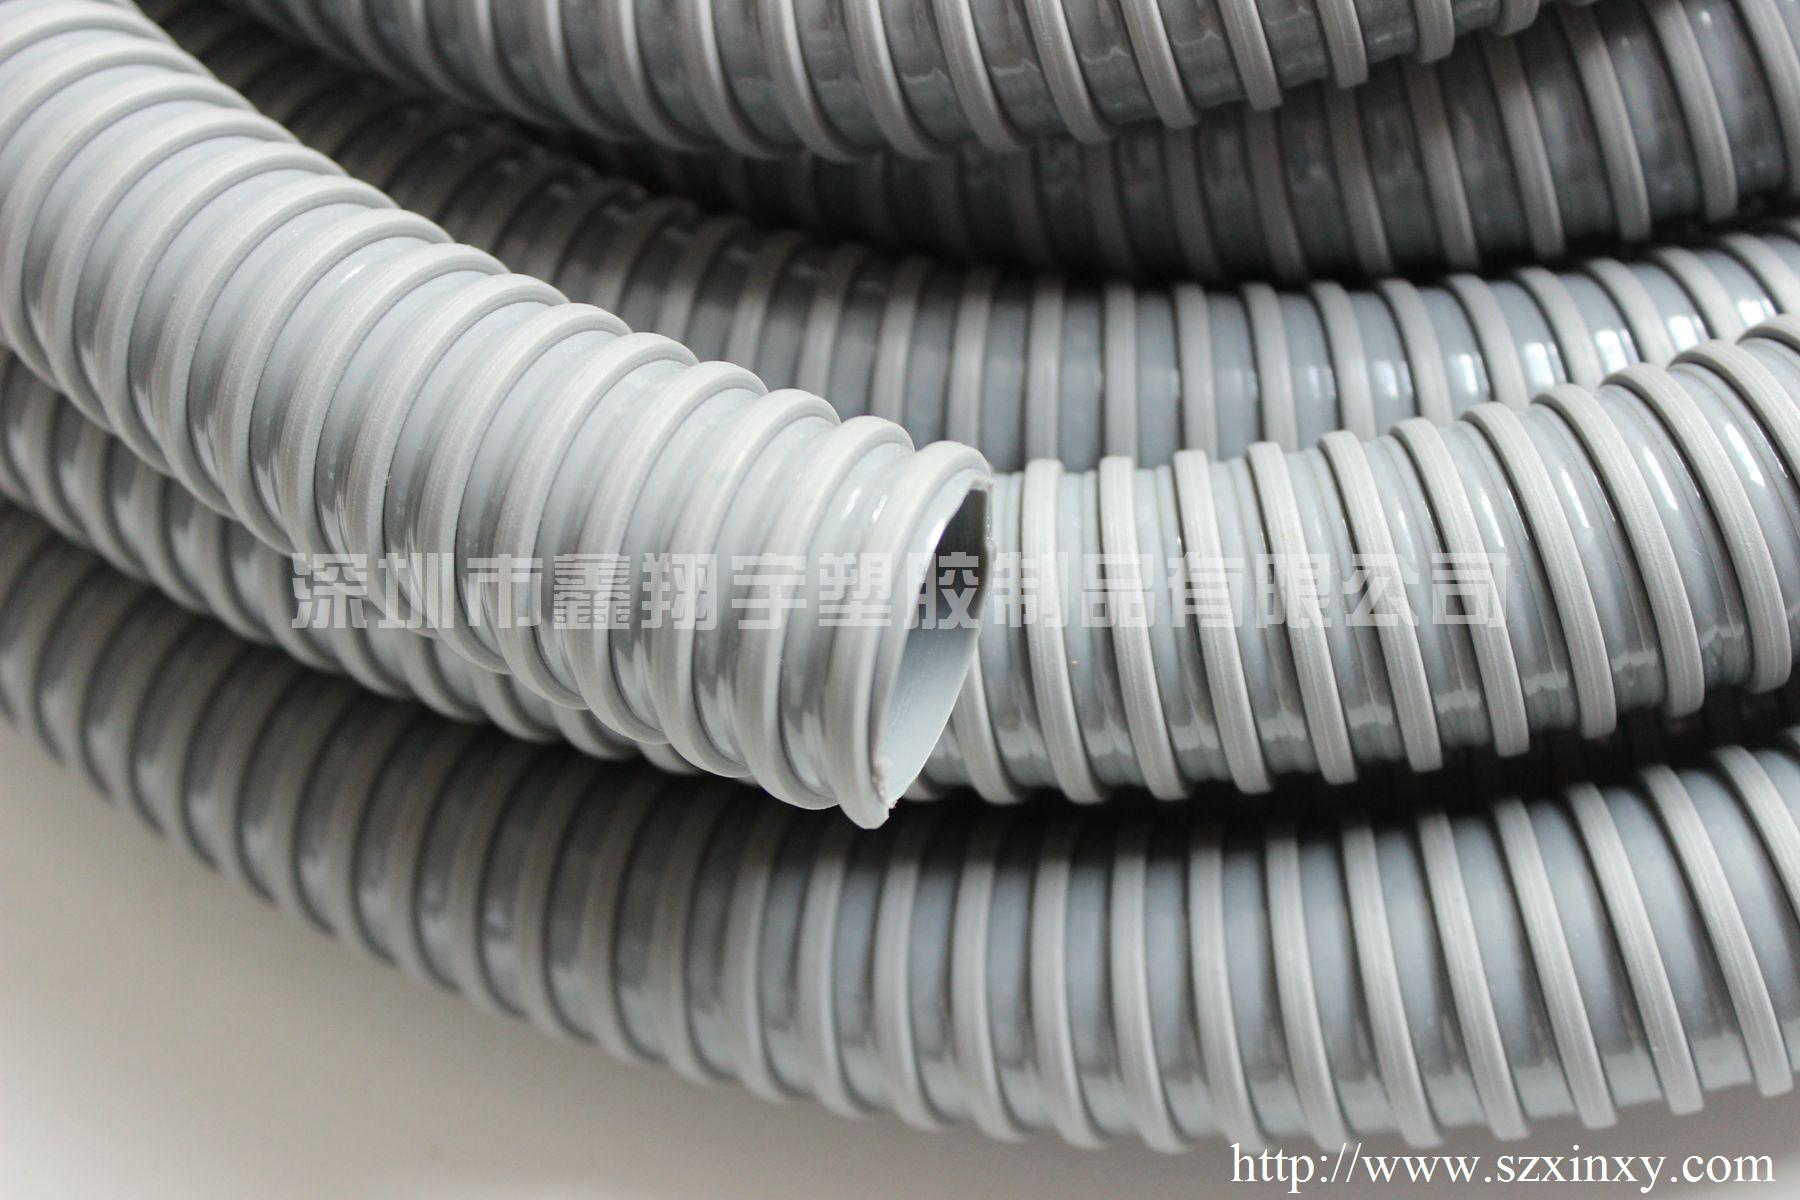 PVC軟管符合國家環境噪聲標準規定